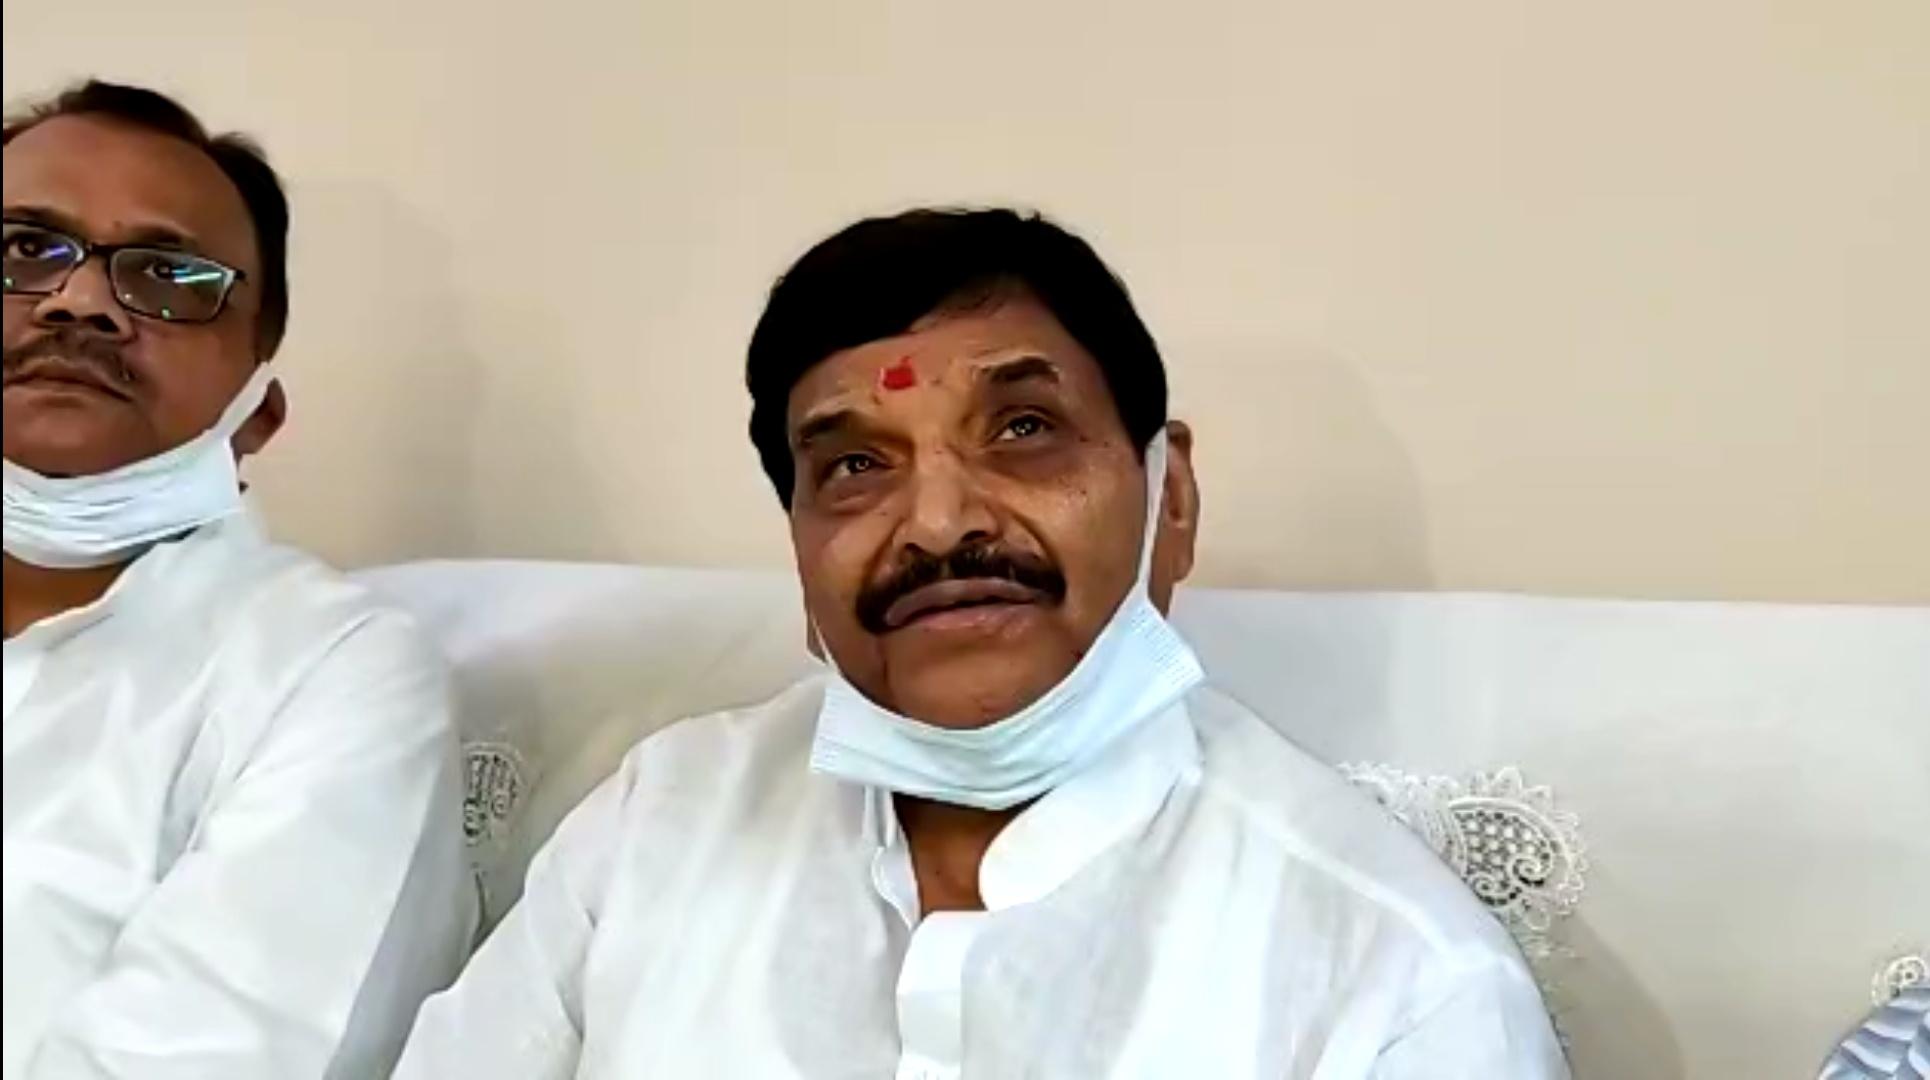 गाजियाबाद पहुंचे प्रसपा नेता शिवपाल यादव। - Dainik Bhaskar